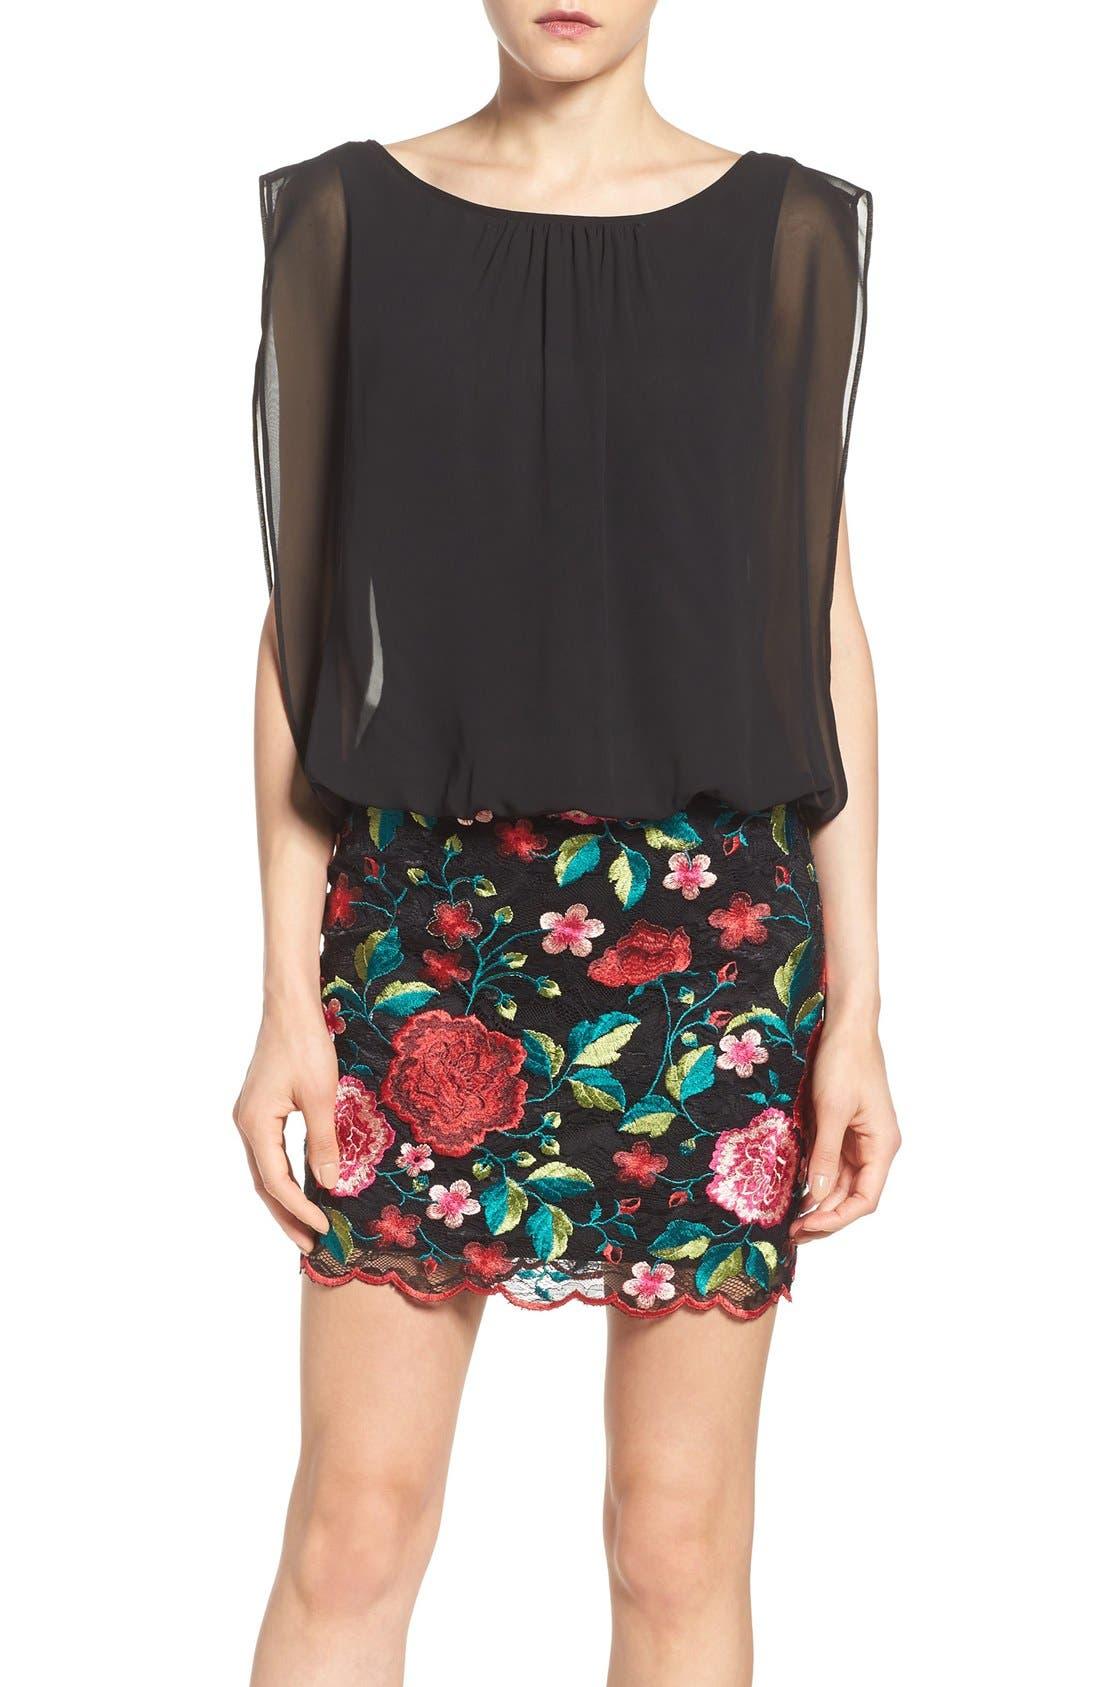 Alternate Image 1 Selected - Aidan by Aidan Mattox Chiffon & Embroidered Lace Dress